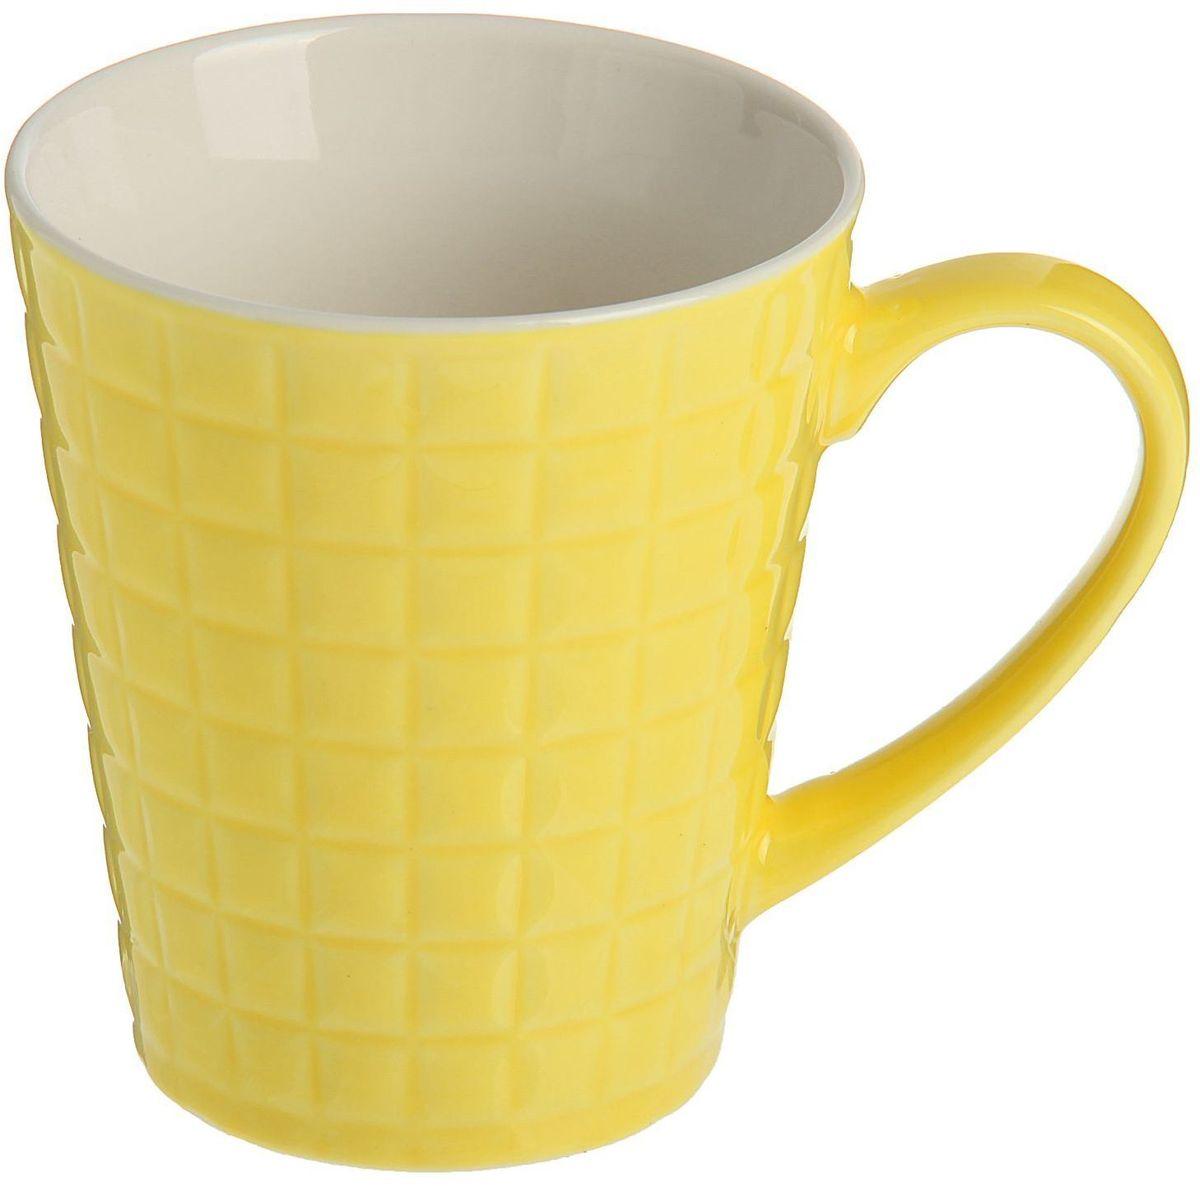 Кружка Доляна Квадрат, цвет: желтый, 320 мл1625309Кружка Доляна Квадрат изготовлена из керамики. Корпус украшен квадратами.Кружка станет отличным подарком для родных и близких. Это любимый аксессуар на долгие годы. Относитесь к изделию бережно, и оно будет дарить прекрасное настроение каждый день.